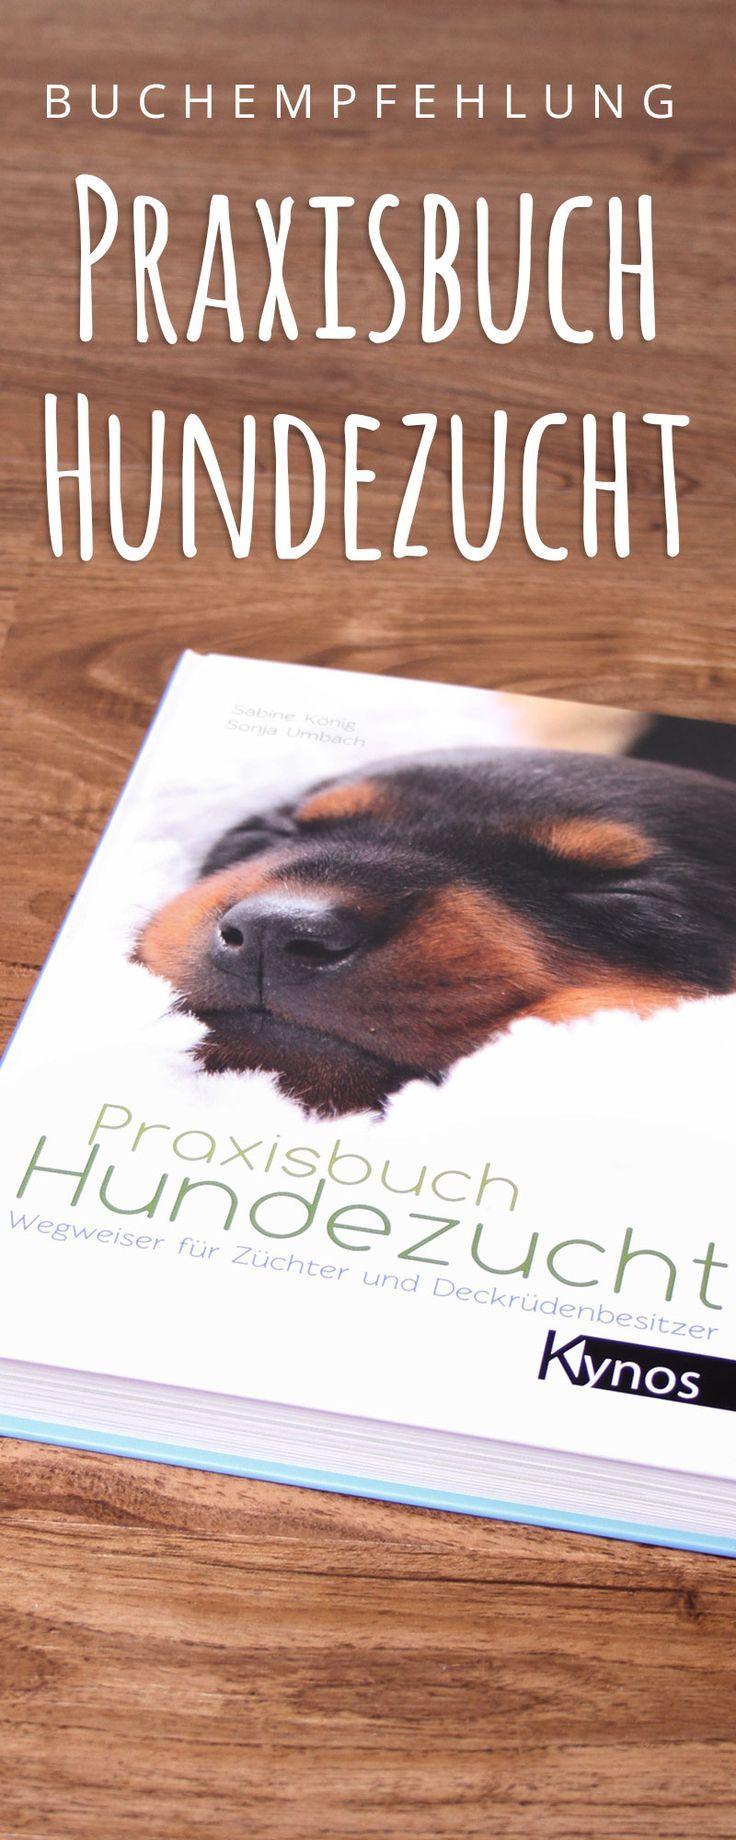 Endlich Auch Was Fur Deckrudenbesitzer Buchempfehlung Praxisbuch Hundezucht Dieses Buch Nimmt Endlich Auch Die Deckrud Hunde Bucher Buchempfehlungen